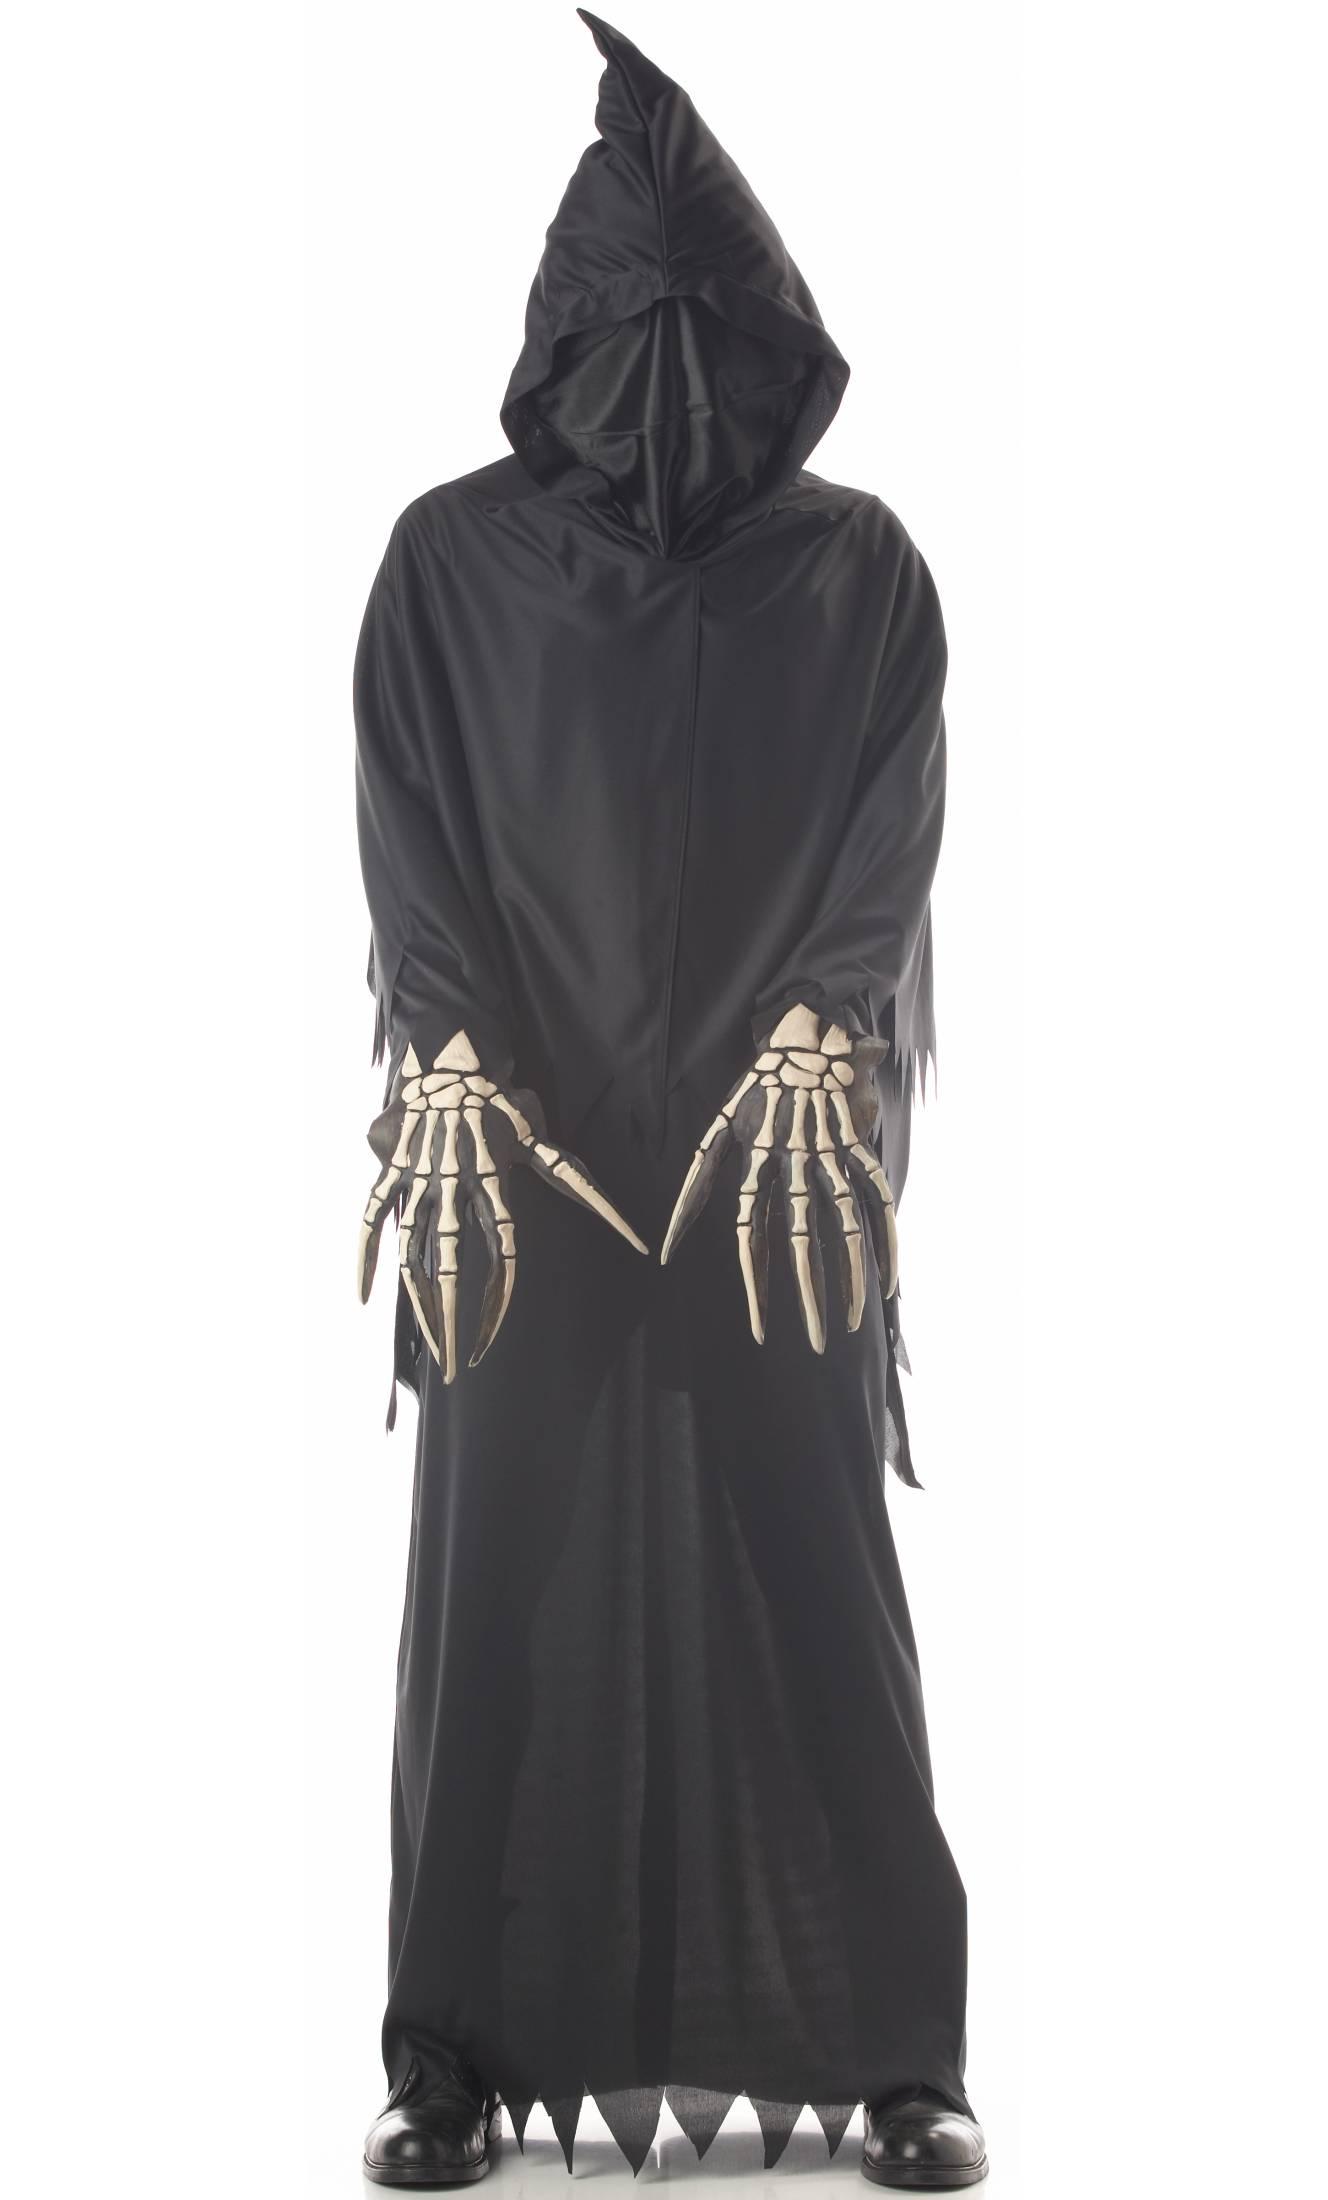 Costume-La-faucheuse-Enfant-2